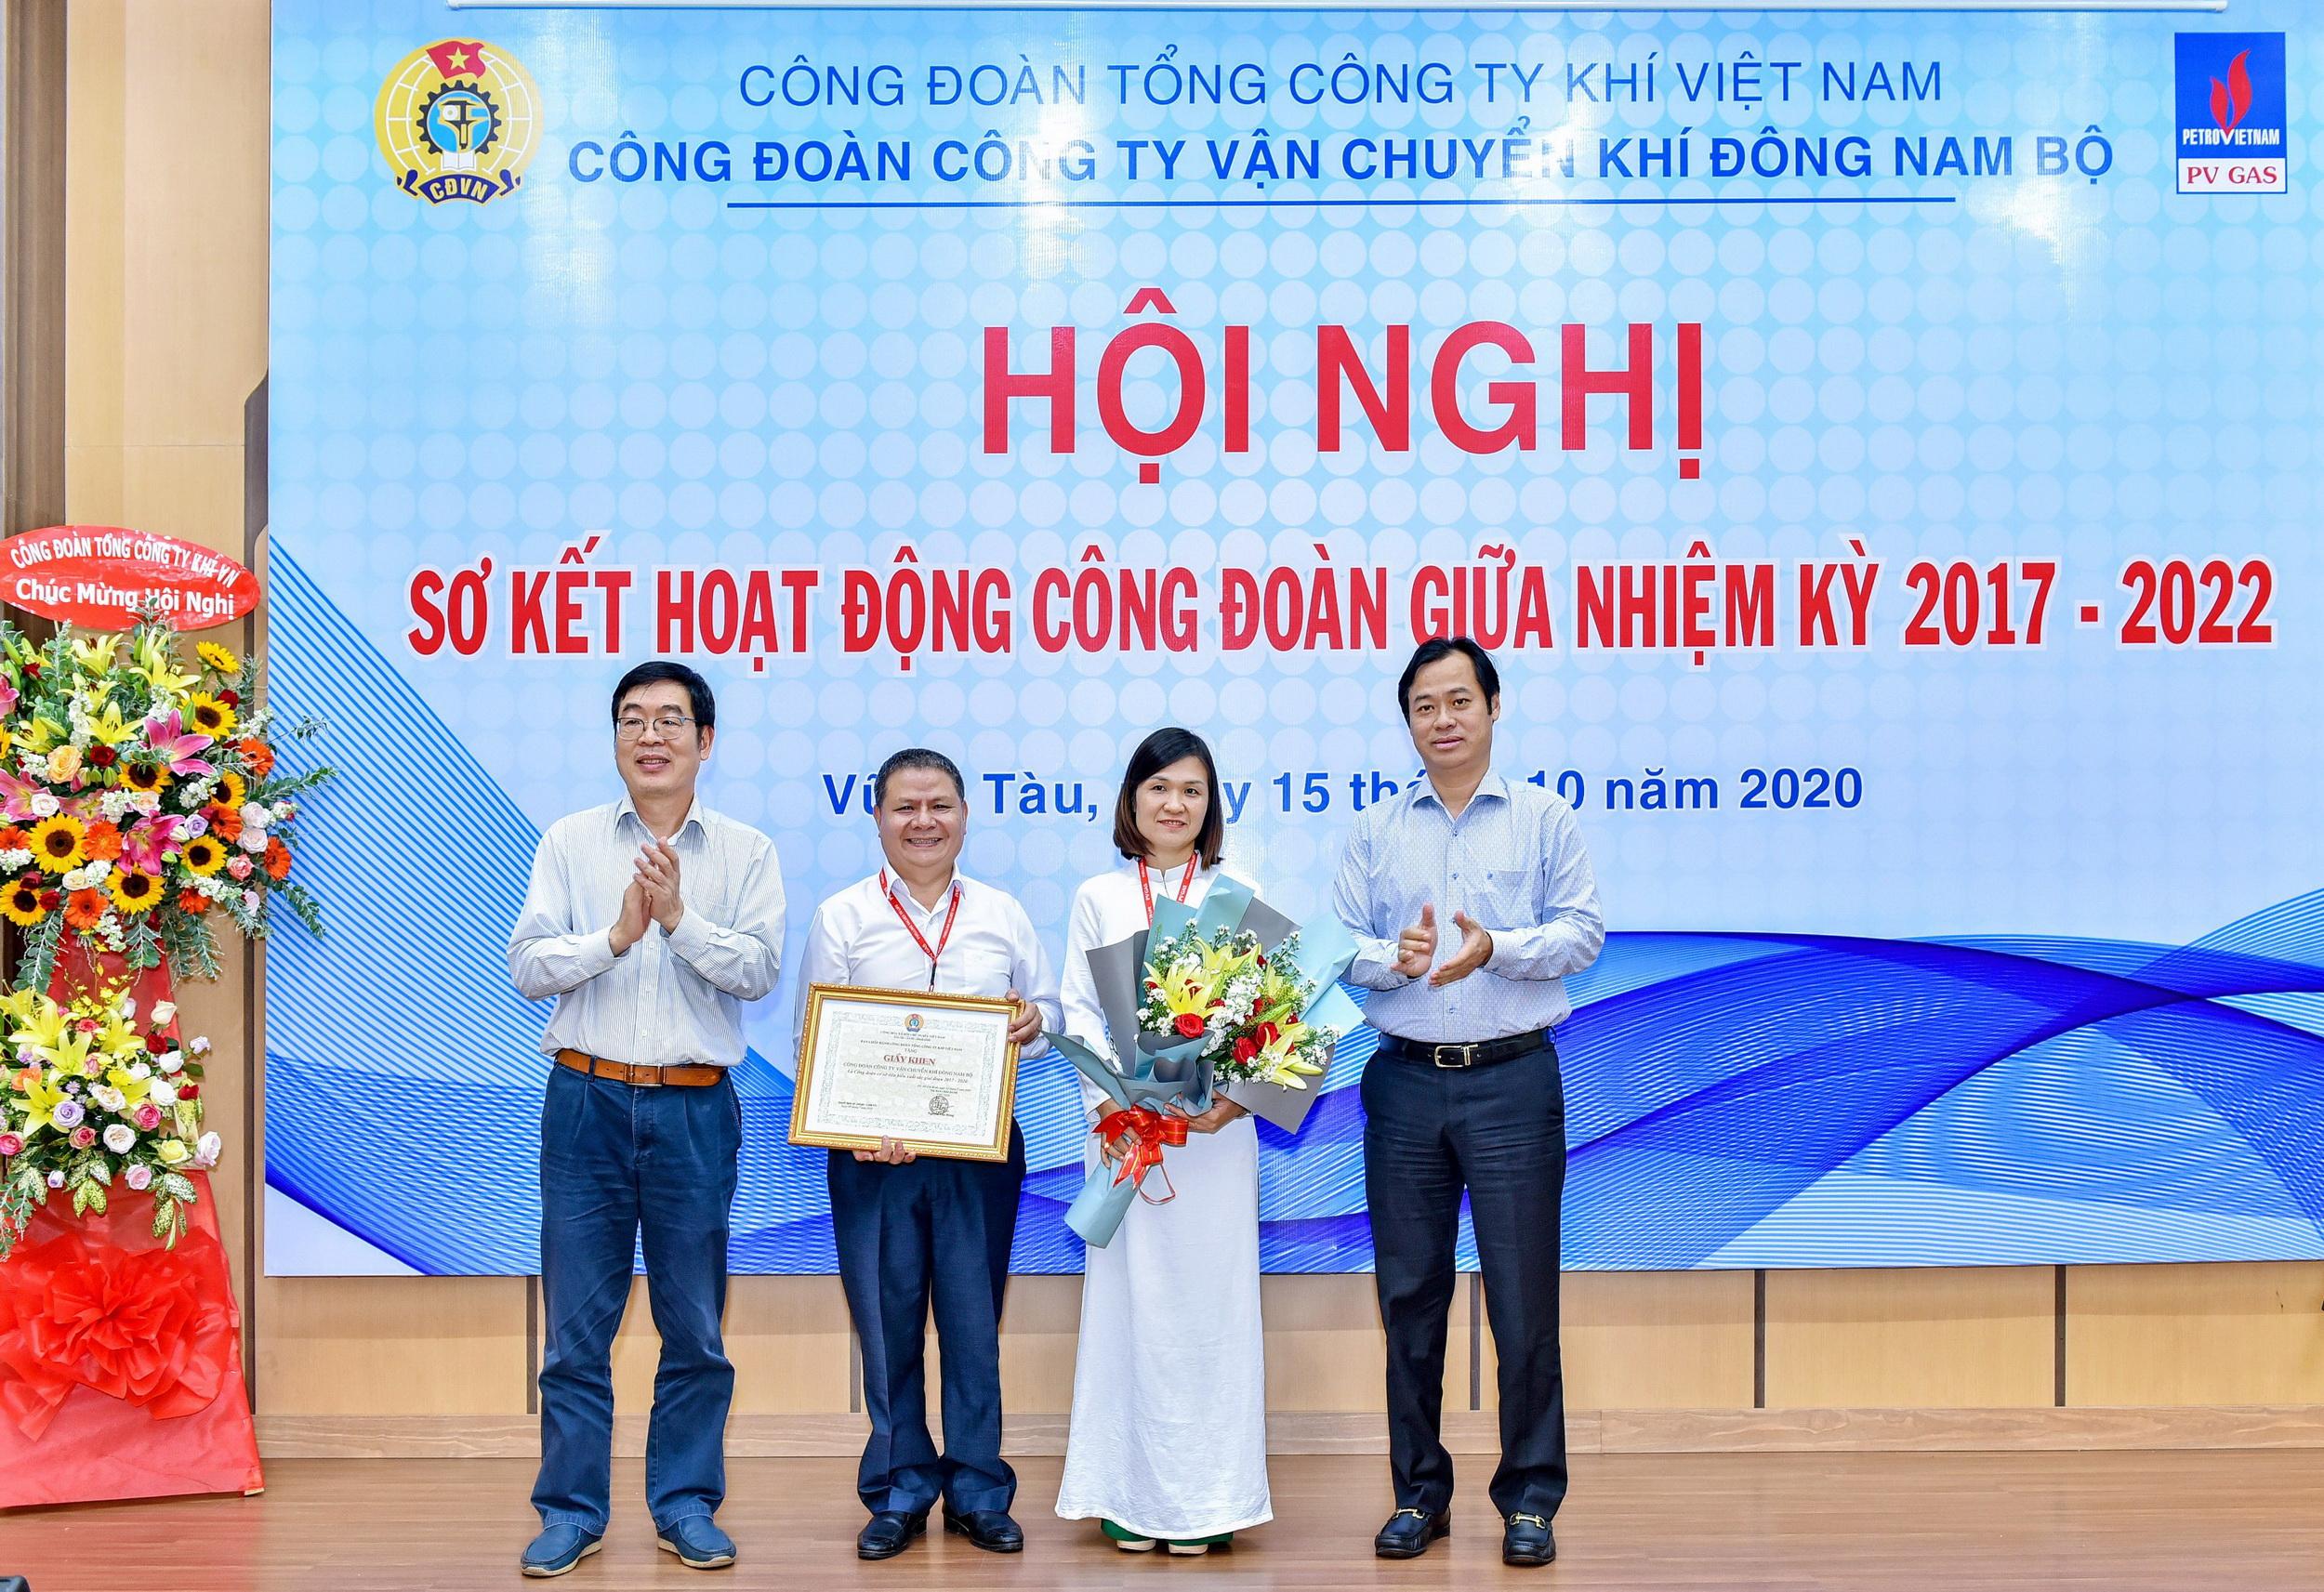 Công đoàn PV GAS khen thưởng tập thể Công đoàn KĐN vì thành tích xuất sắc trong giai đoạn 2017 – 2020